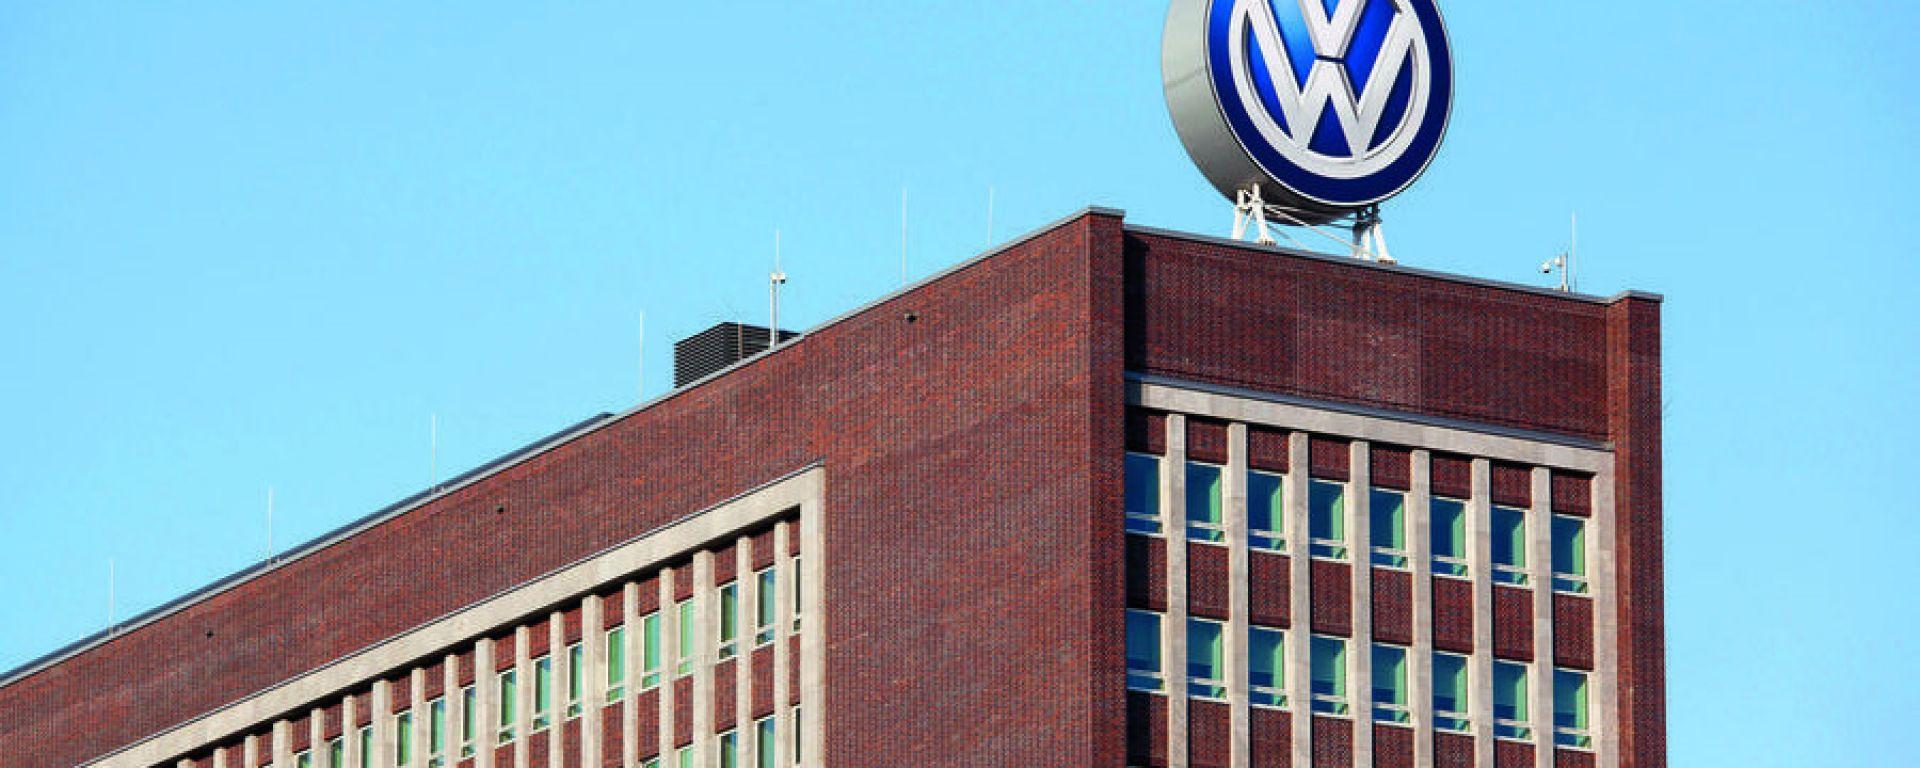 Coronavirus: da venerdì anche Volkswagen si ferma in Europa